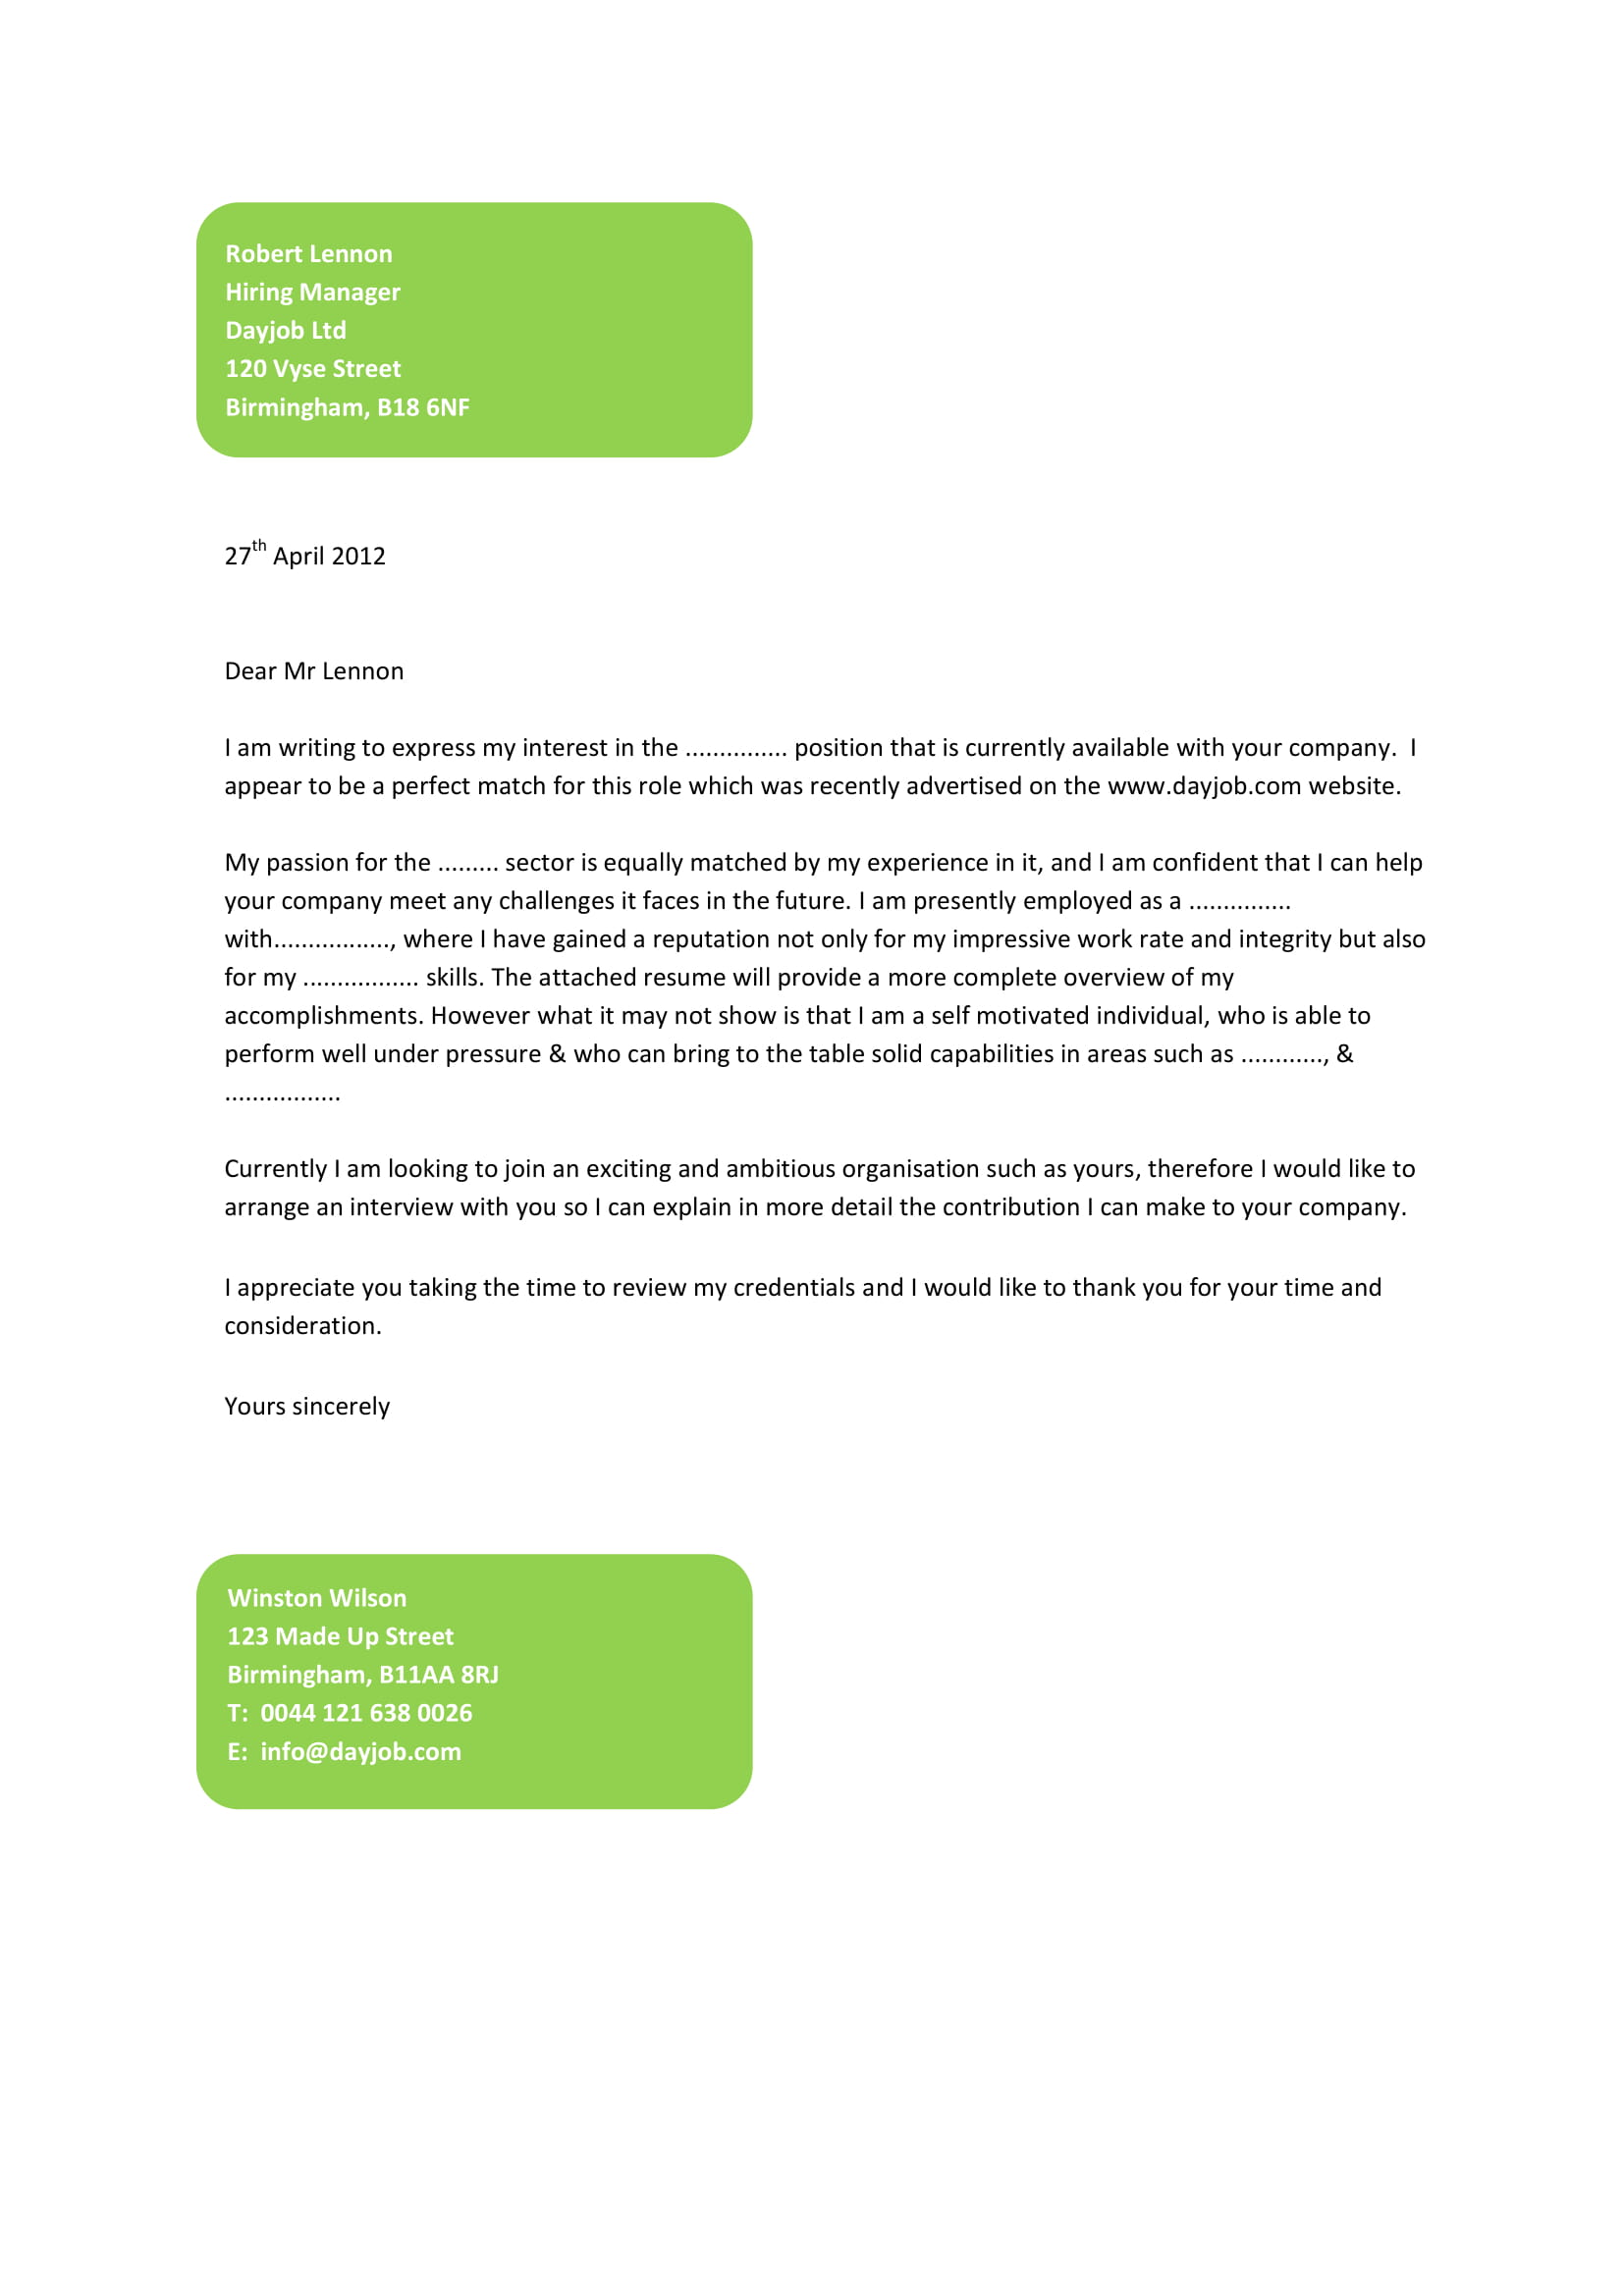 sample application cover letter template sample cover letter